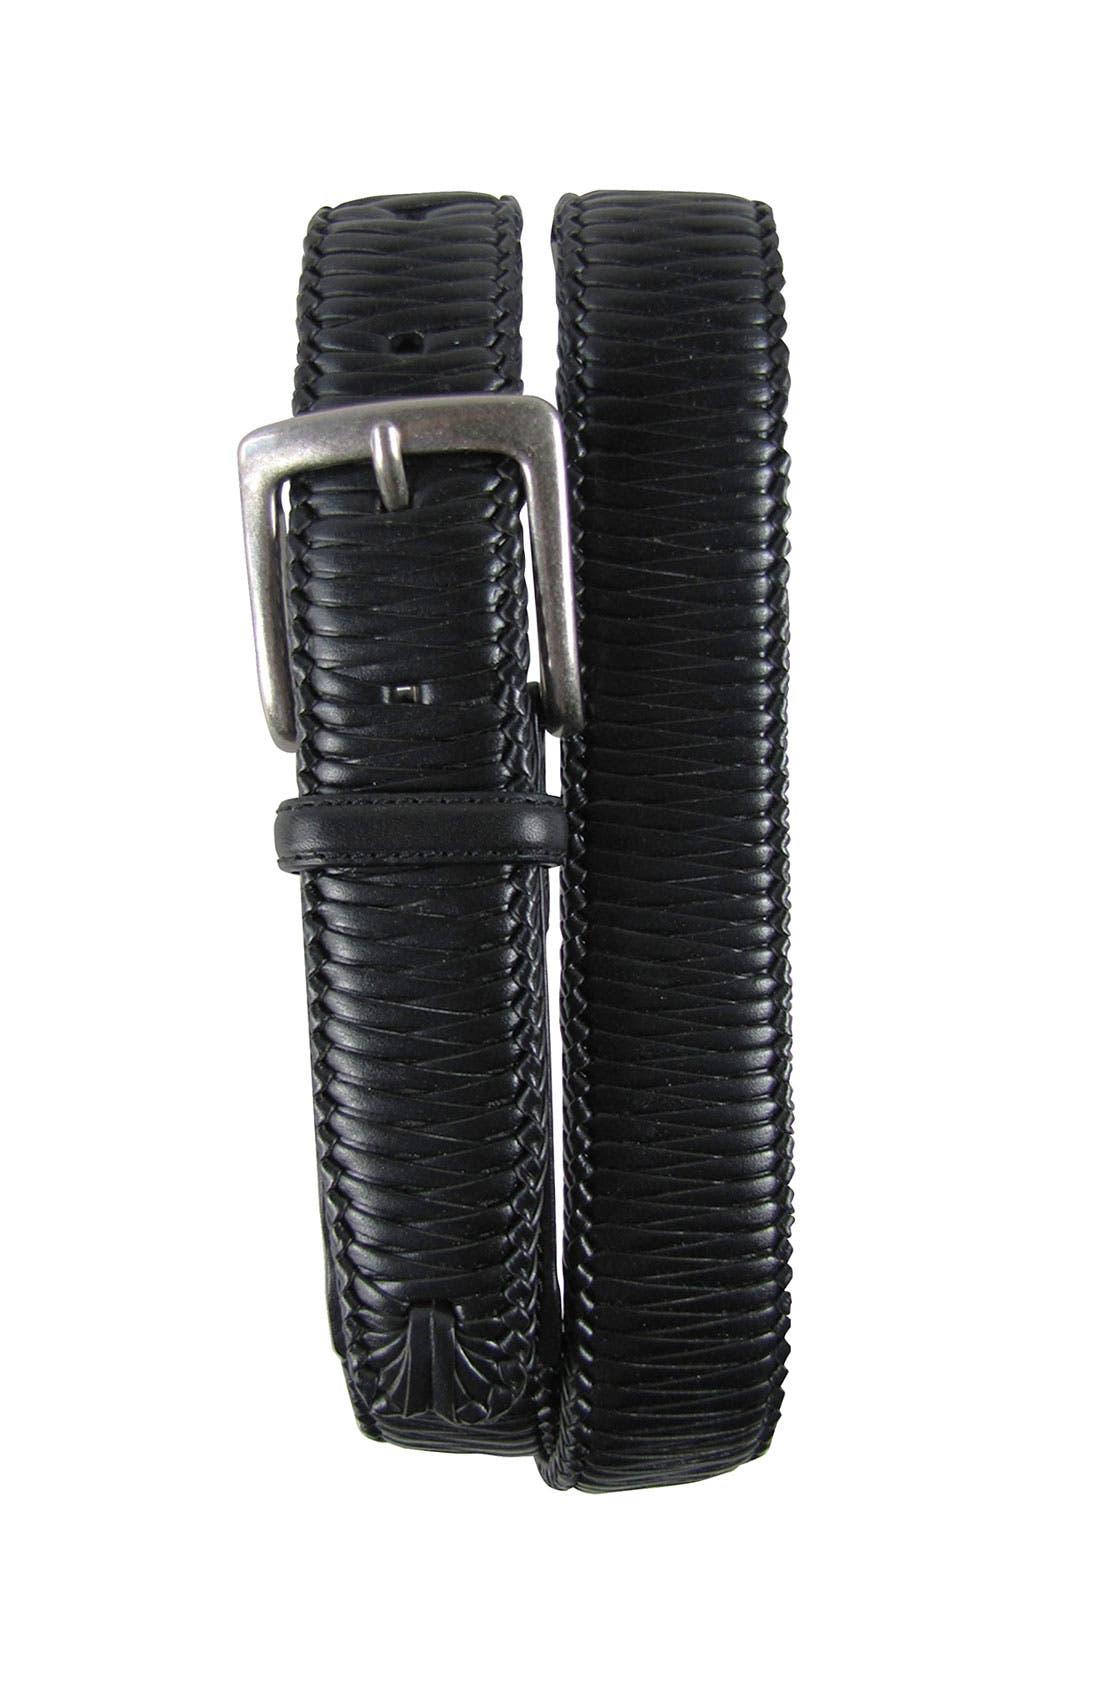 Alternate Image 1 Selected - Tommy Bahama 'Largo' Woven Leather Belt